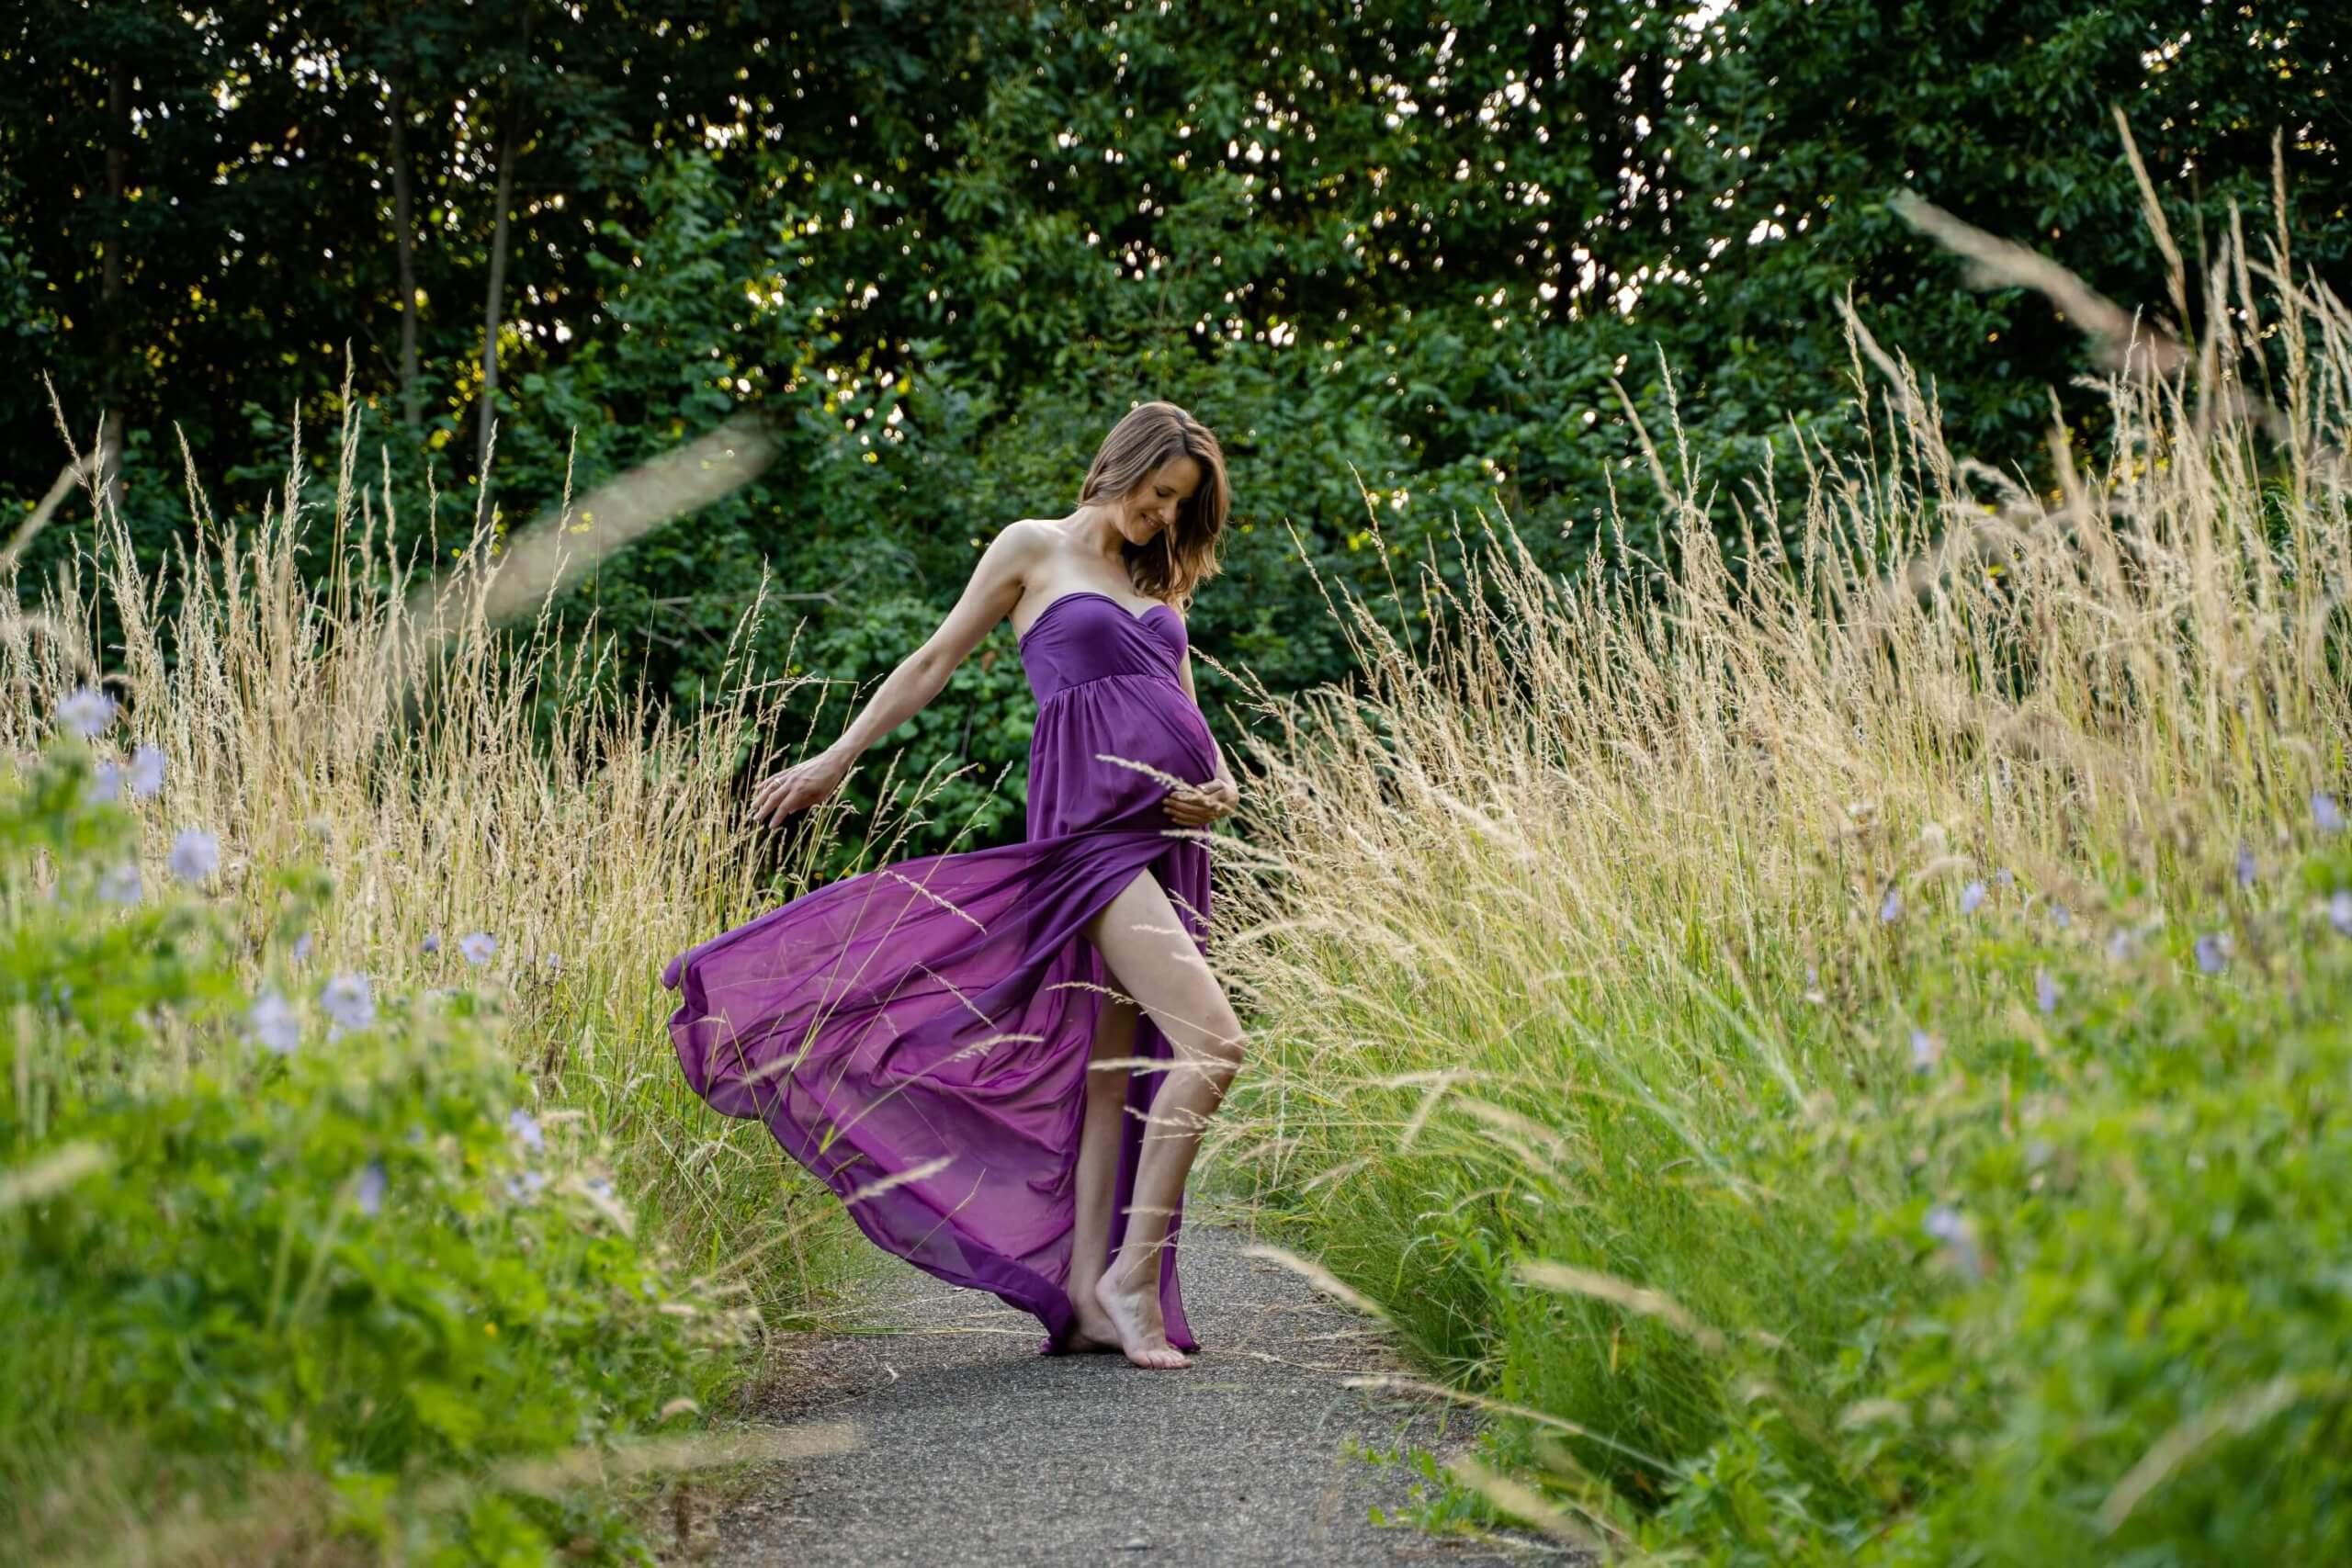 Zwangerschap jurk paars doek bloemen veld